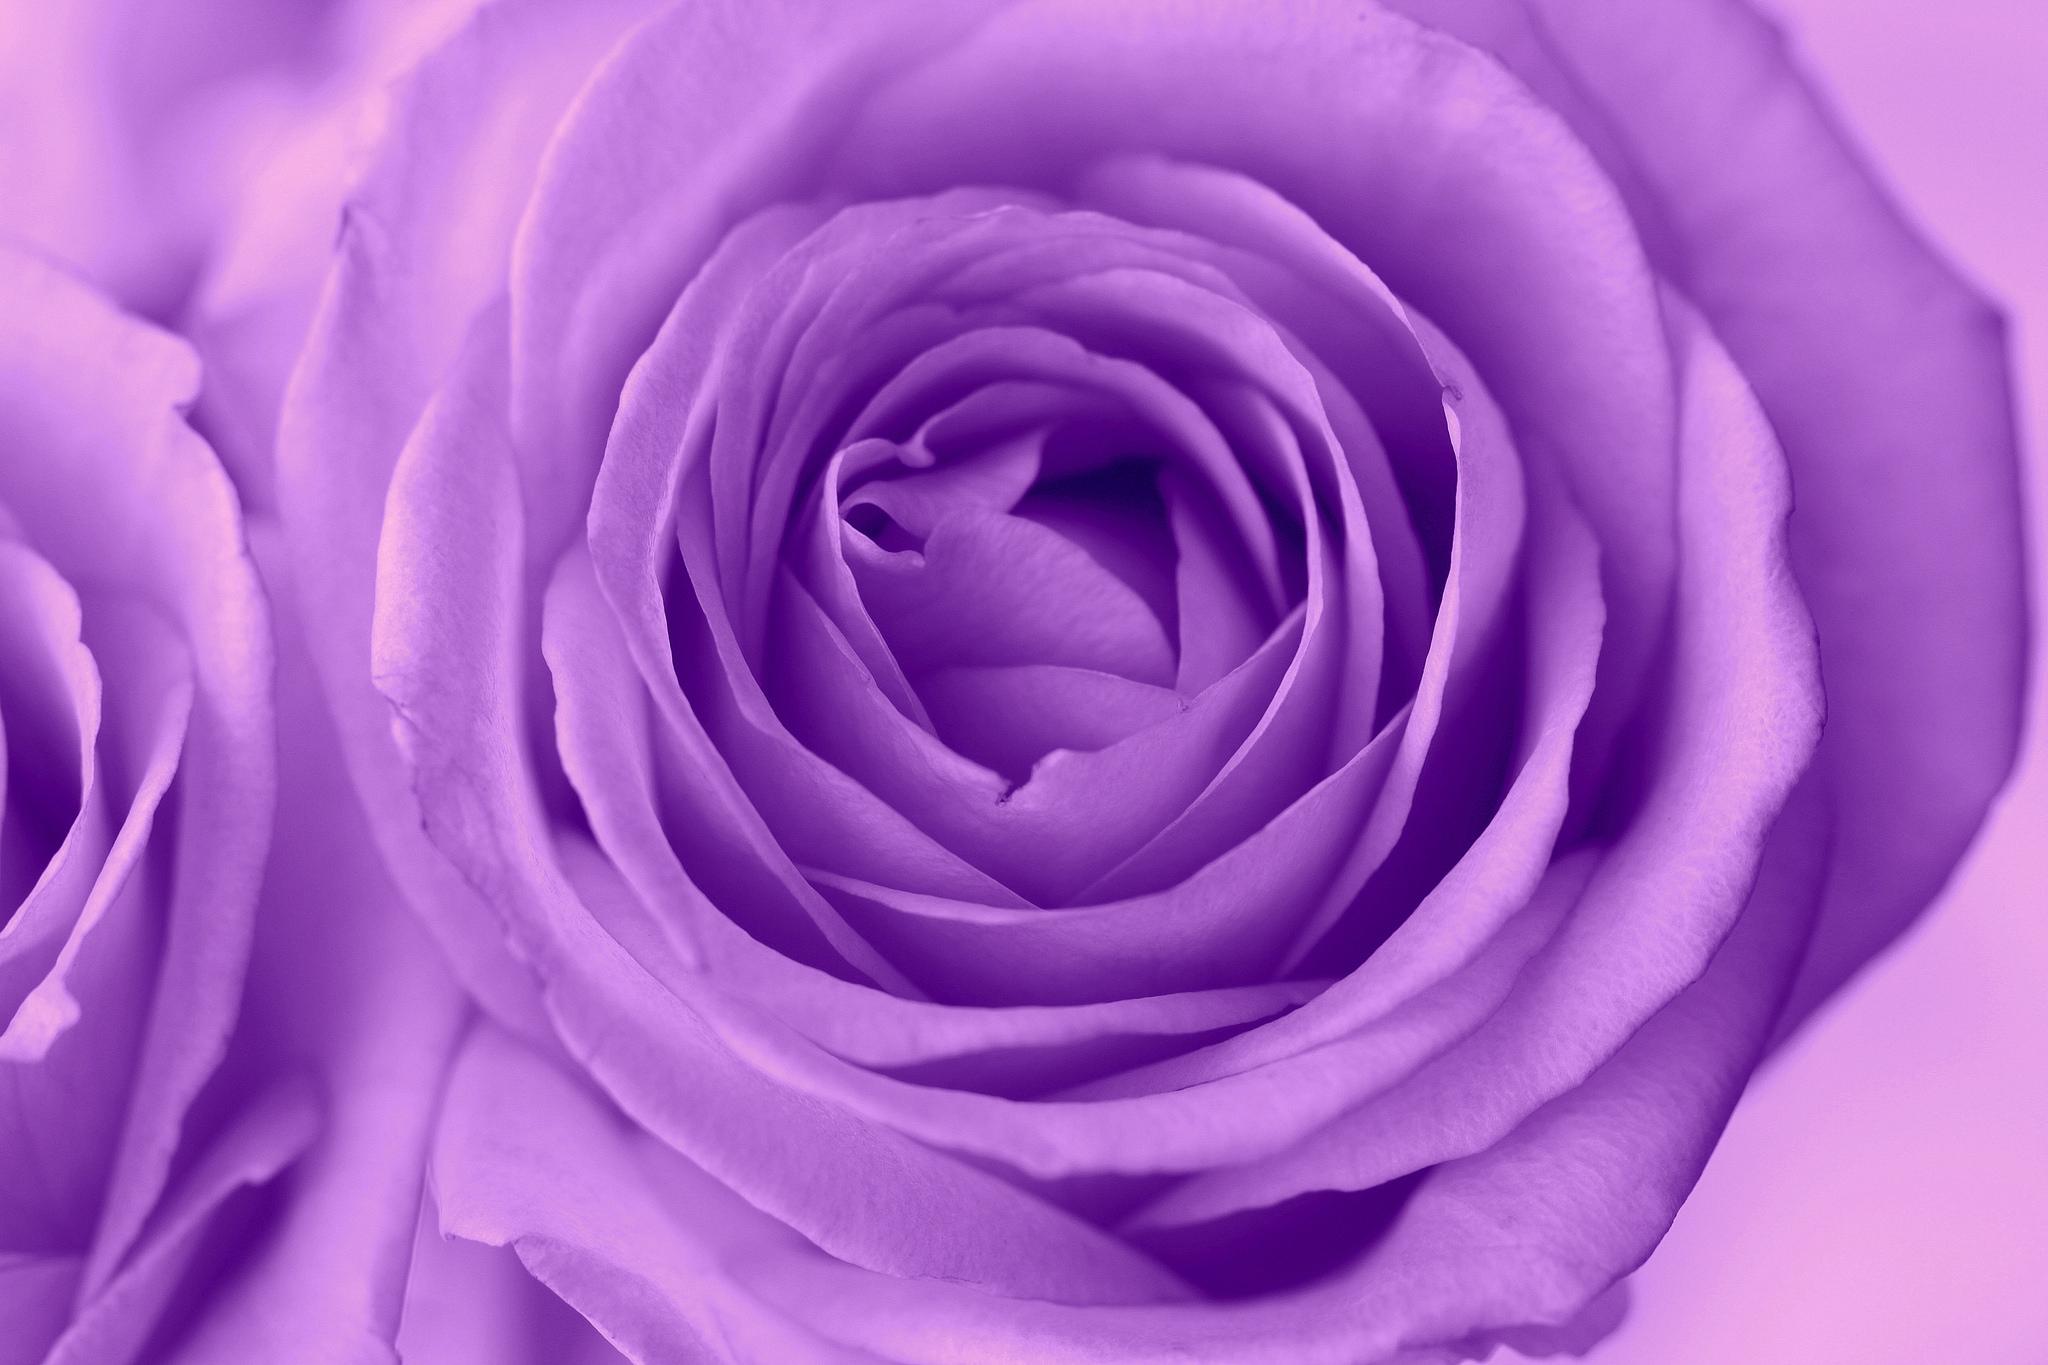 Сестре день, маленькие розы картинки фиолетовый фон